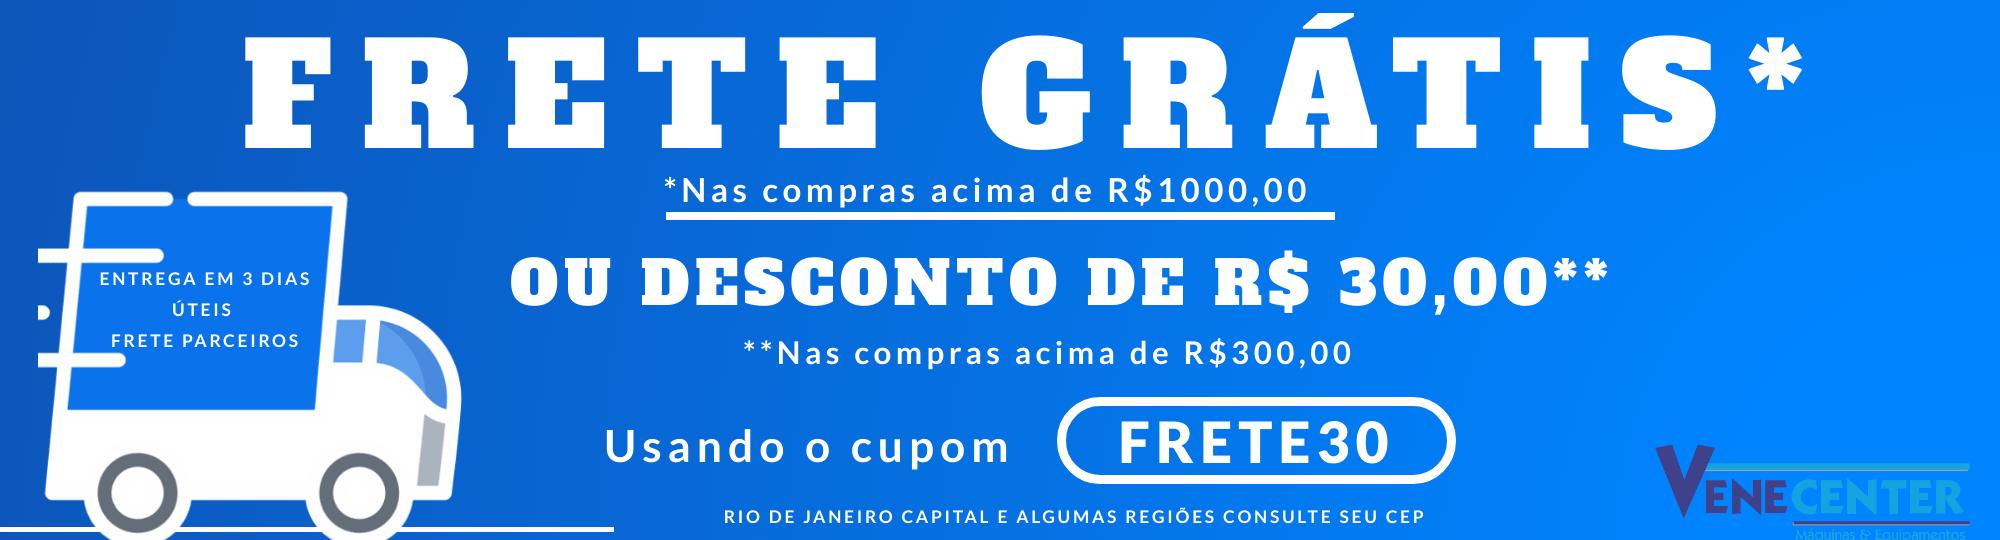 Frete grátis Rio de janeiro capital e algumas cidades do RJ